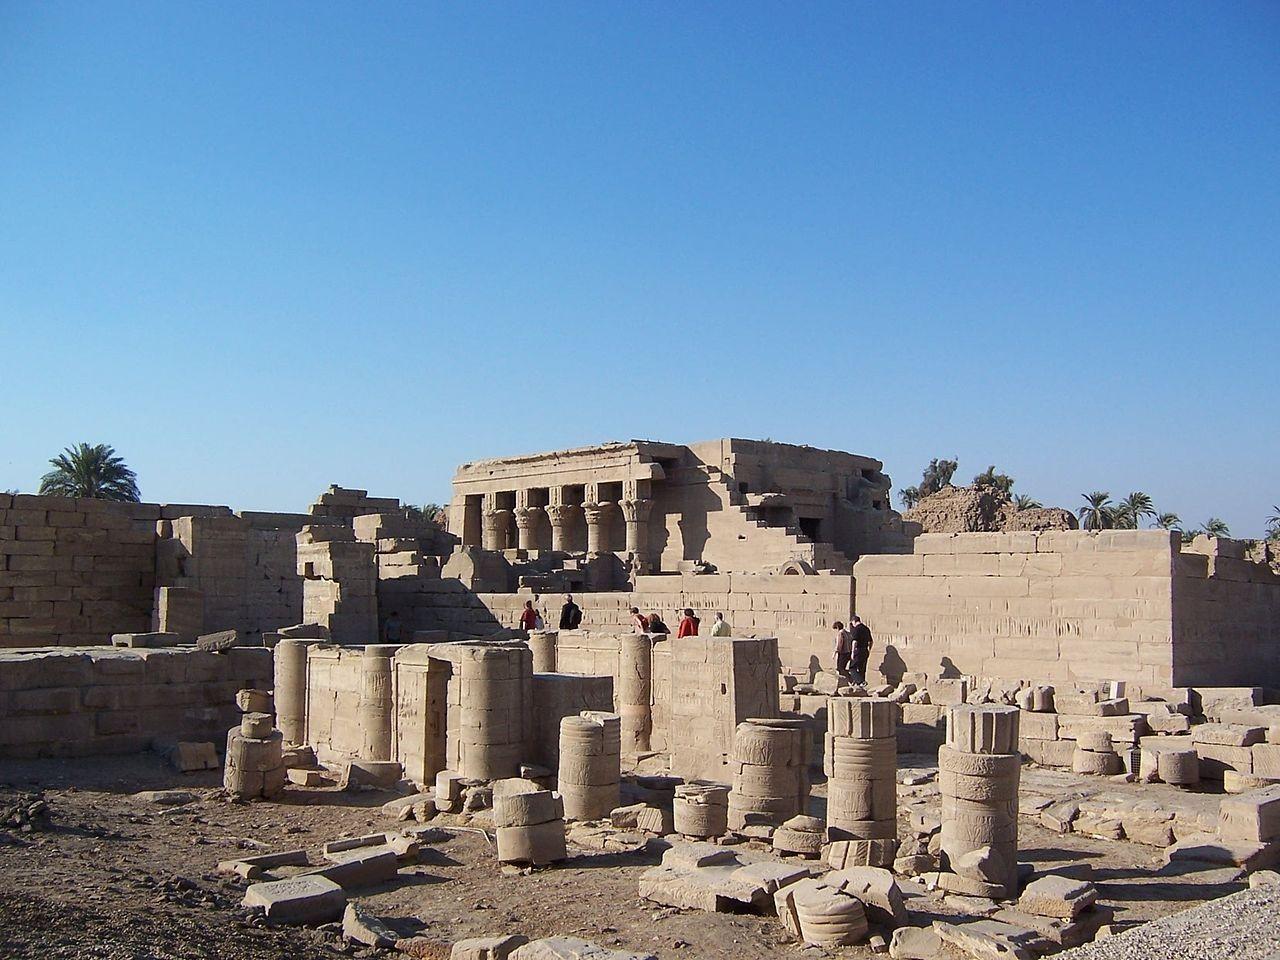 Turismo en Qena